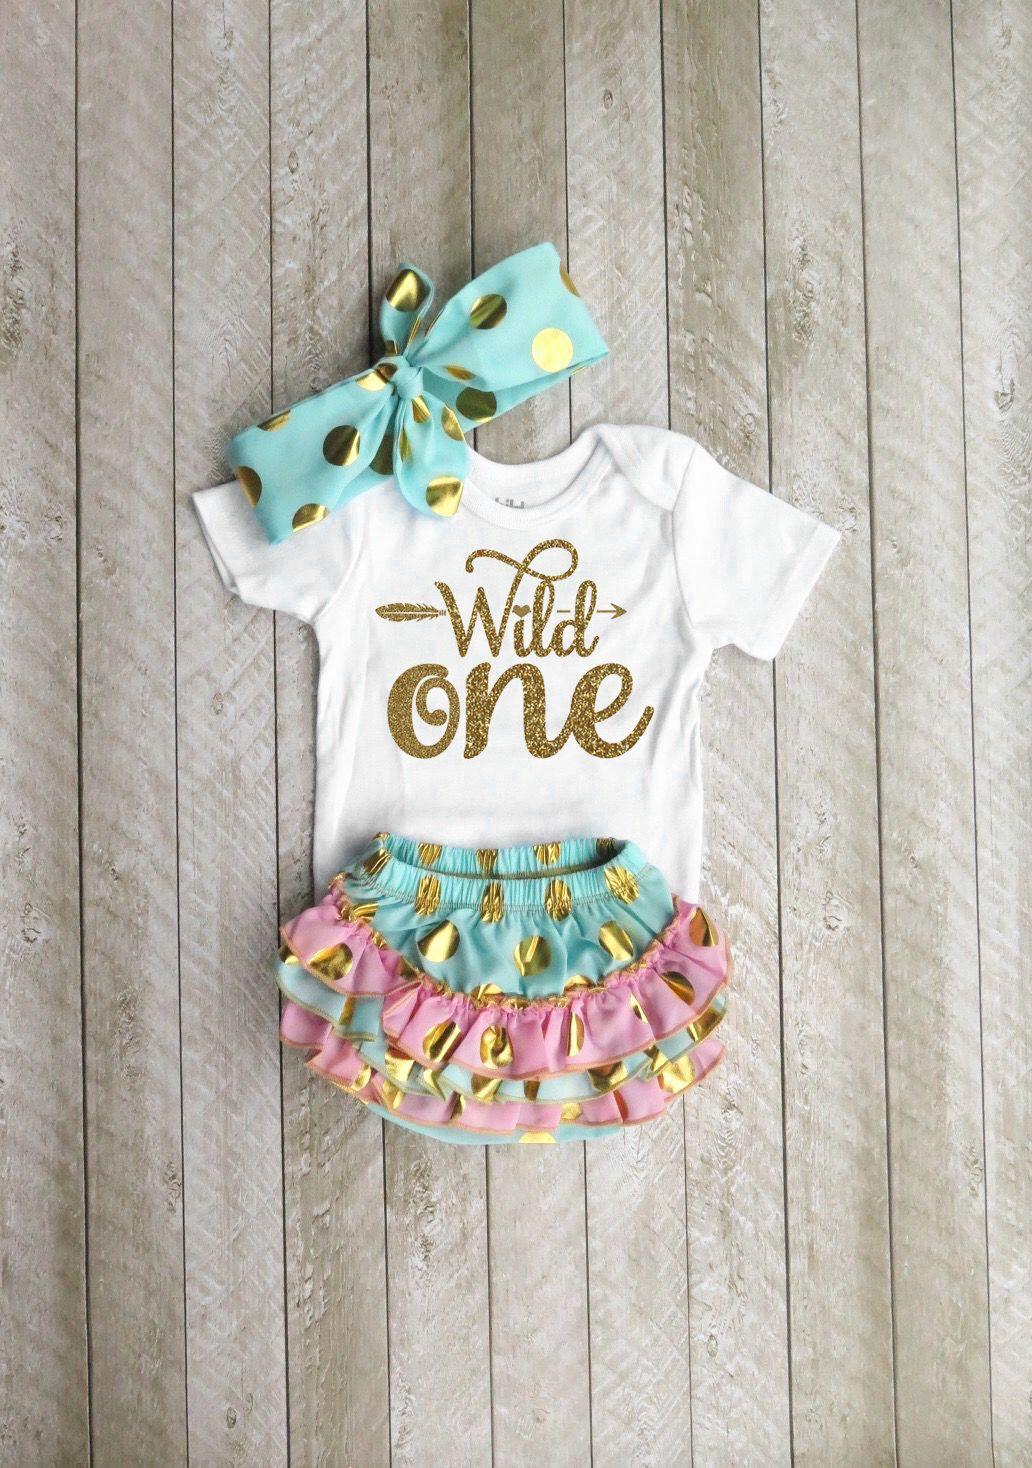 ddc0078f0 Wild one Wild one first birthday Mint and gold first birthday outfit One  year old outfit